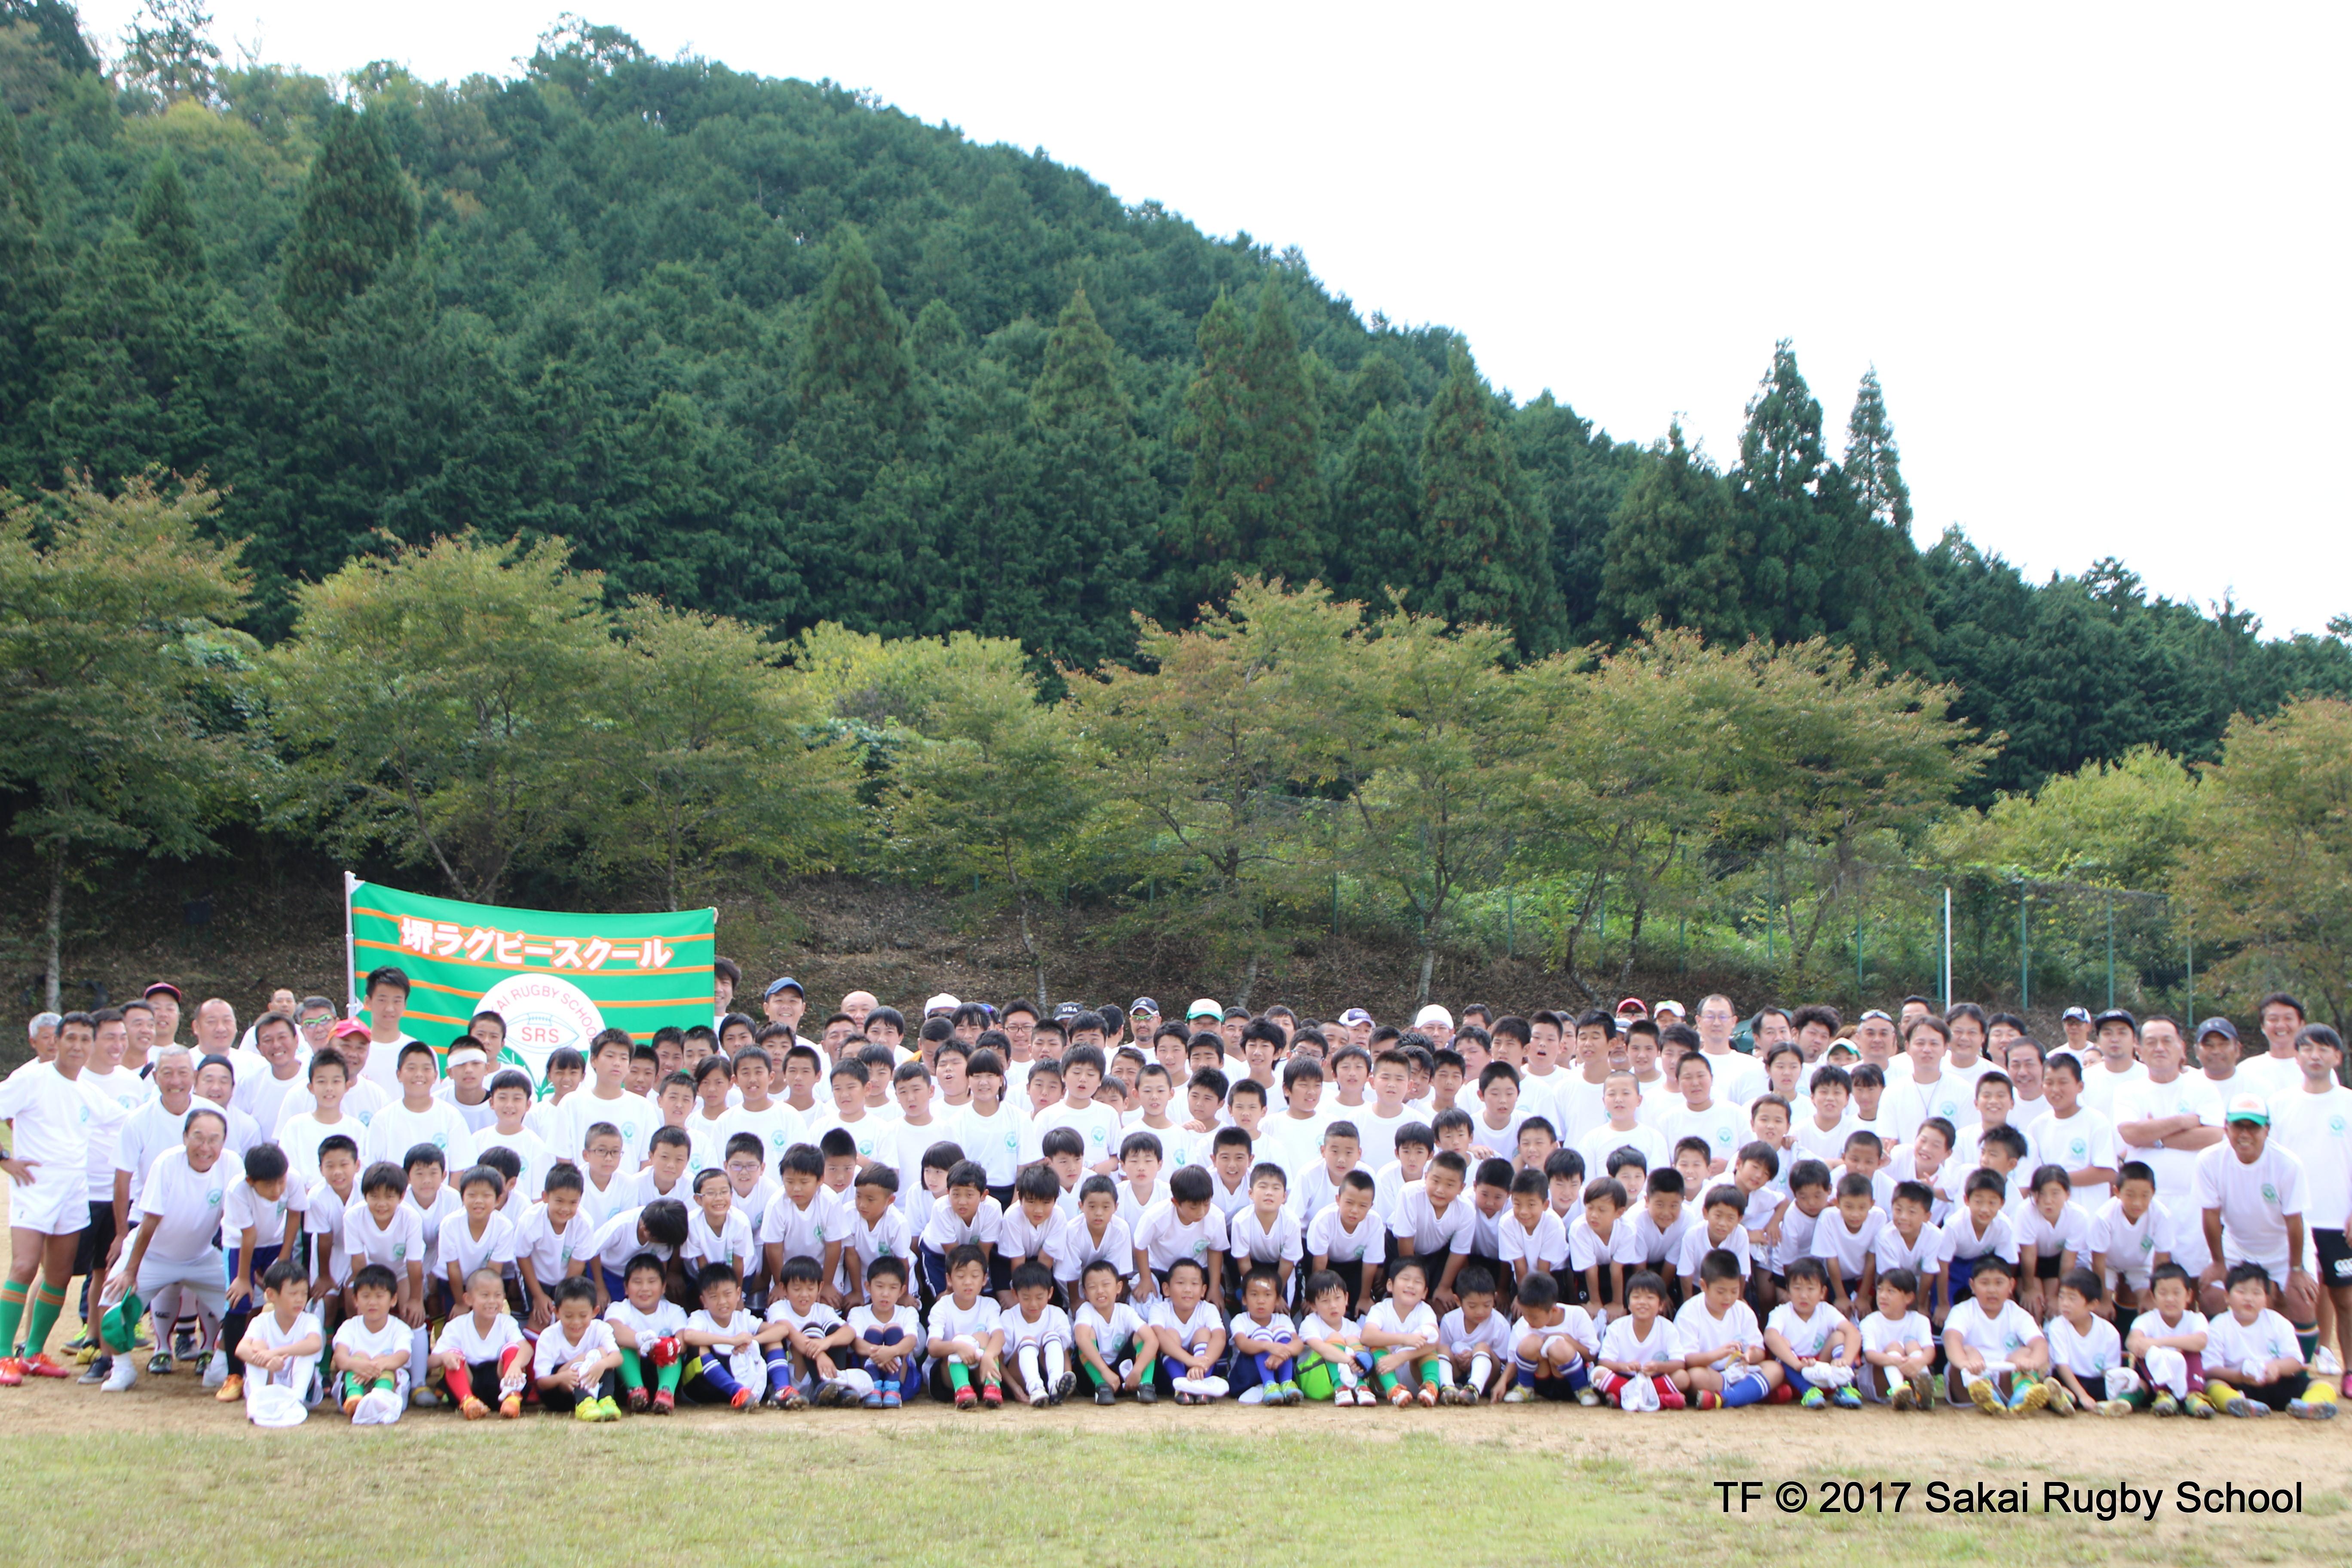 2017-10-08_PM_Gashuku_8333